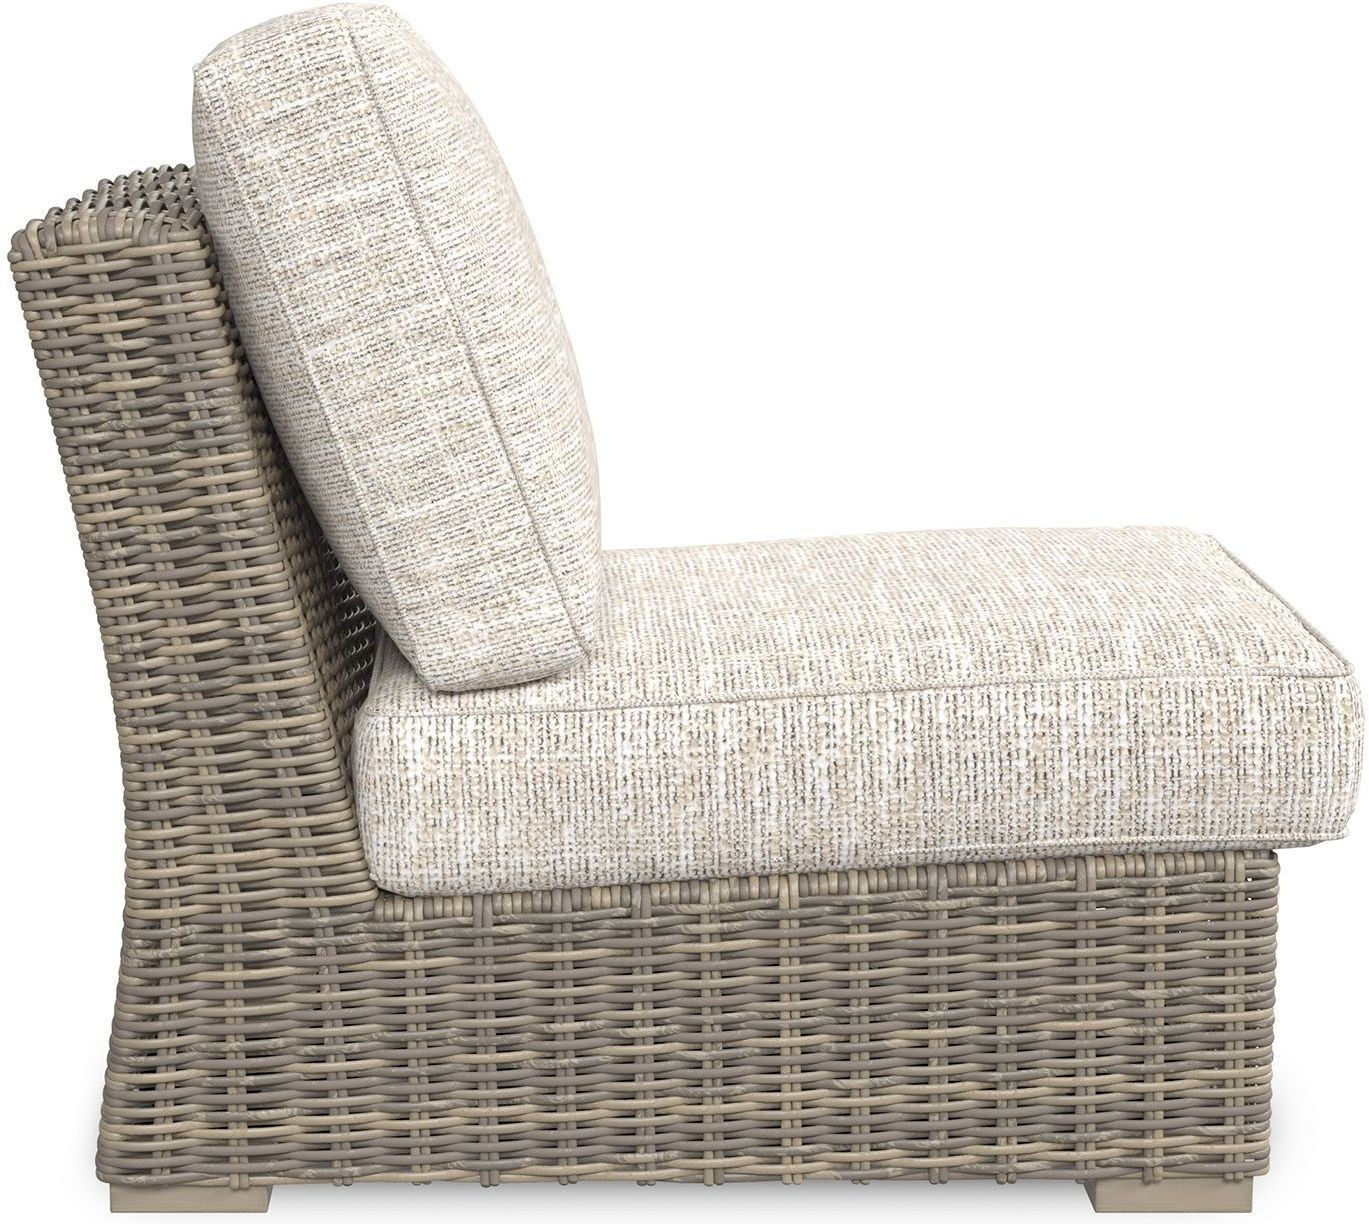 Beachcroft Beige Outdoor Sectional - 1StopBedrooms. on Beachcroft Beige Outdoor Living Room Set  id=54288